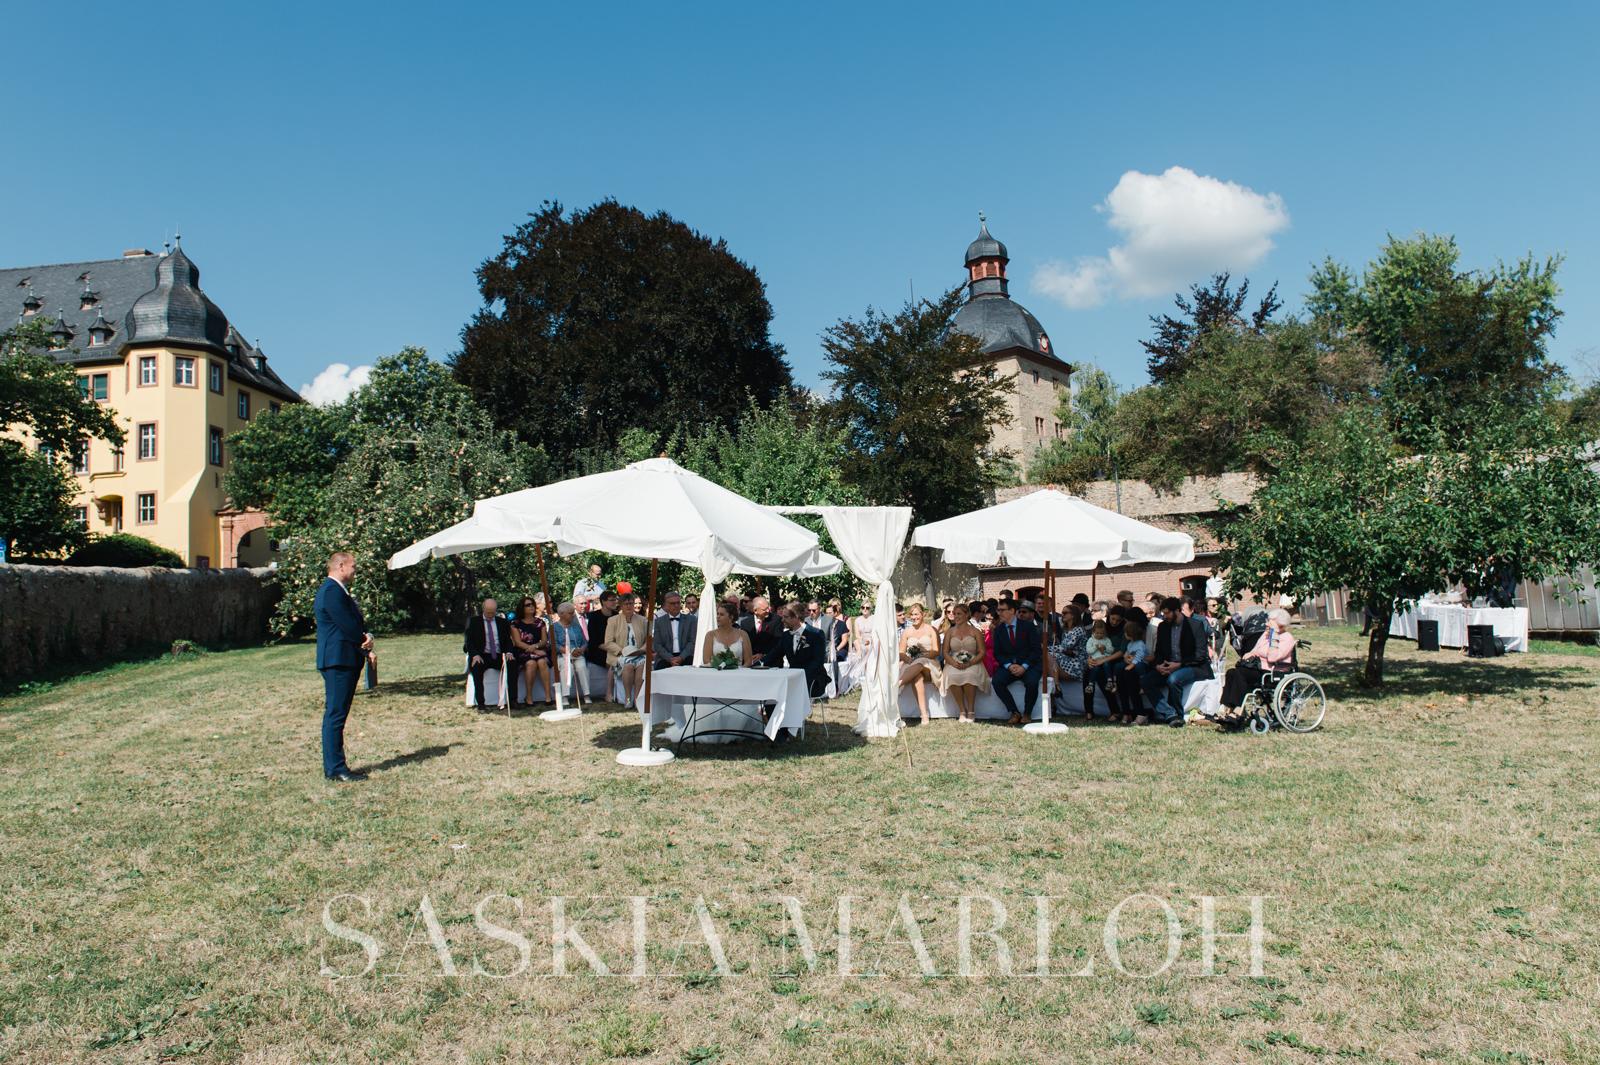 SCHLOSS-VOLLRADS-VINYARD-WEDDING-HOCHZEIT-FOTO-PHOTO-SASKIA-MARLOH-10